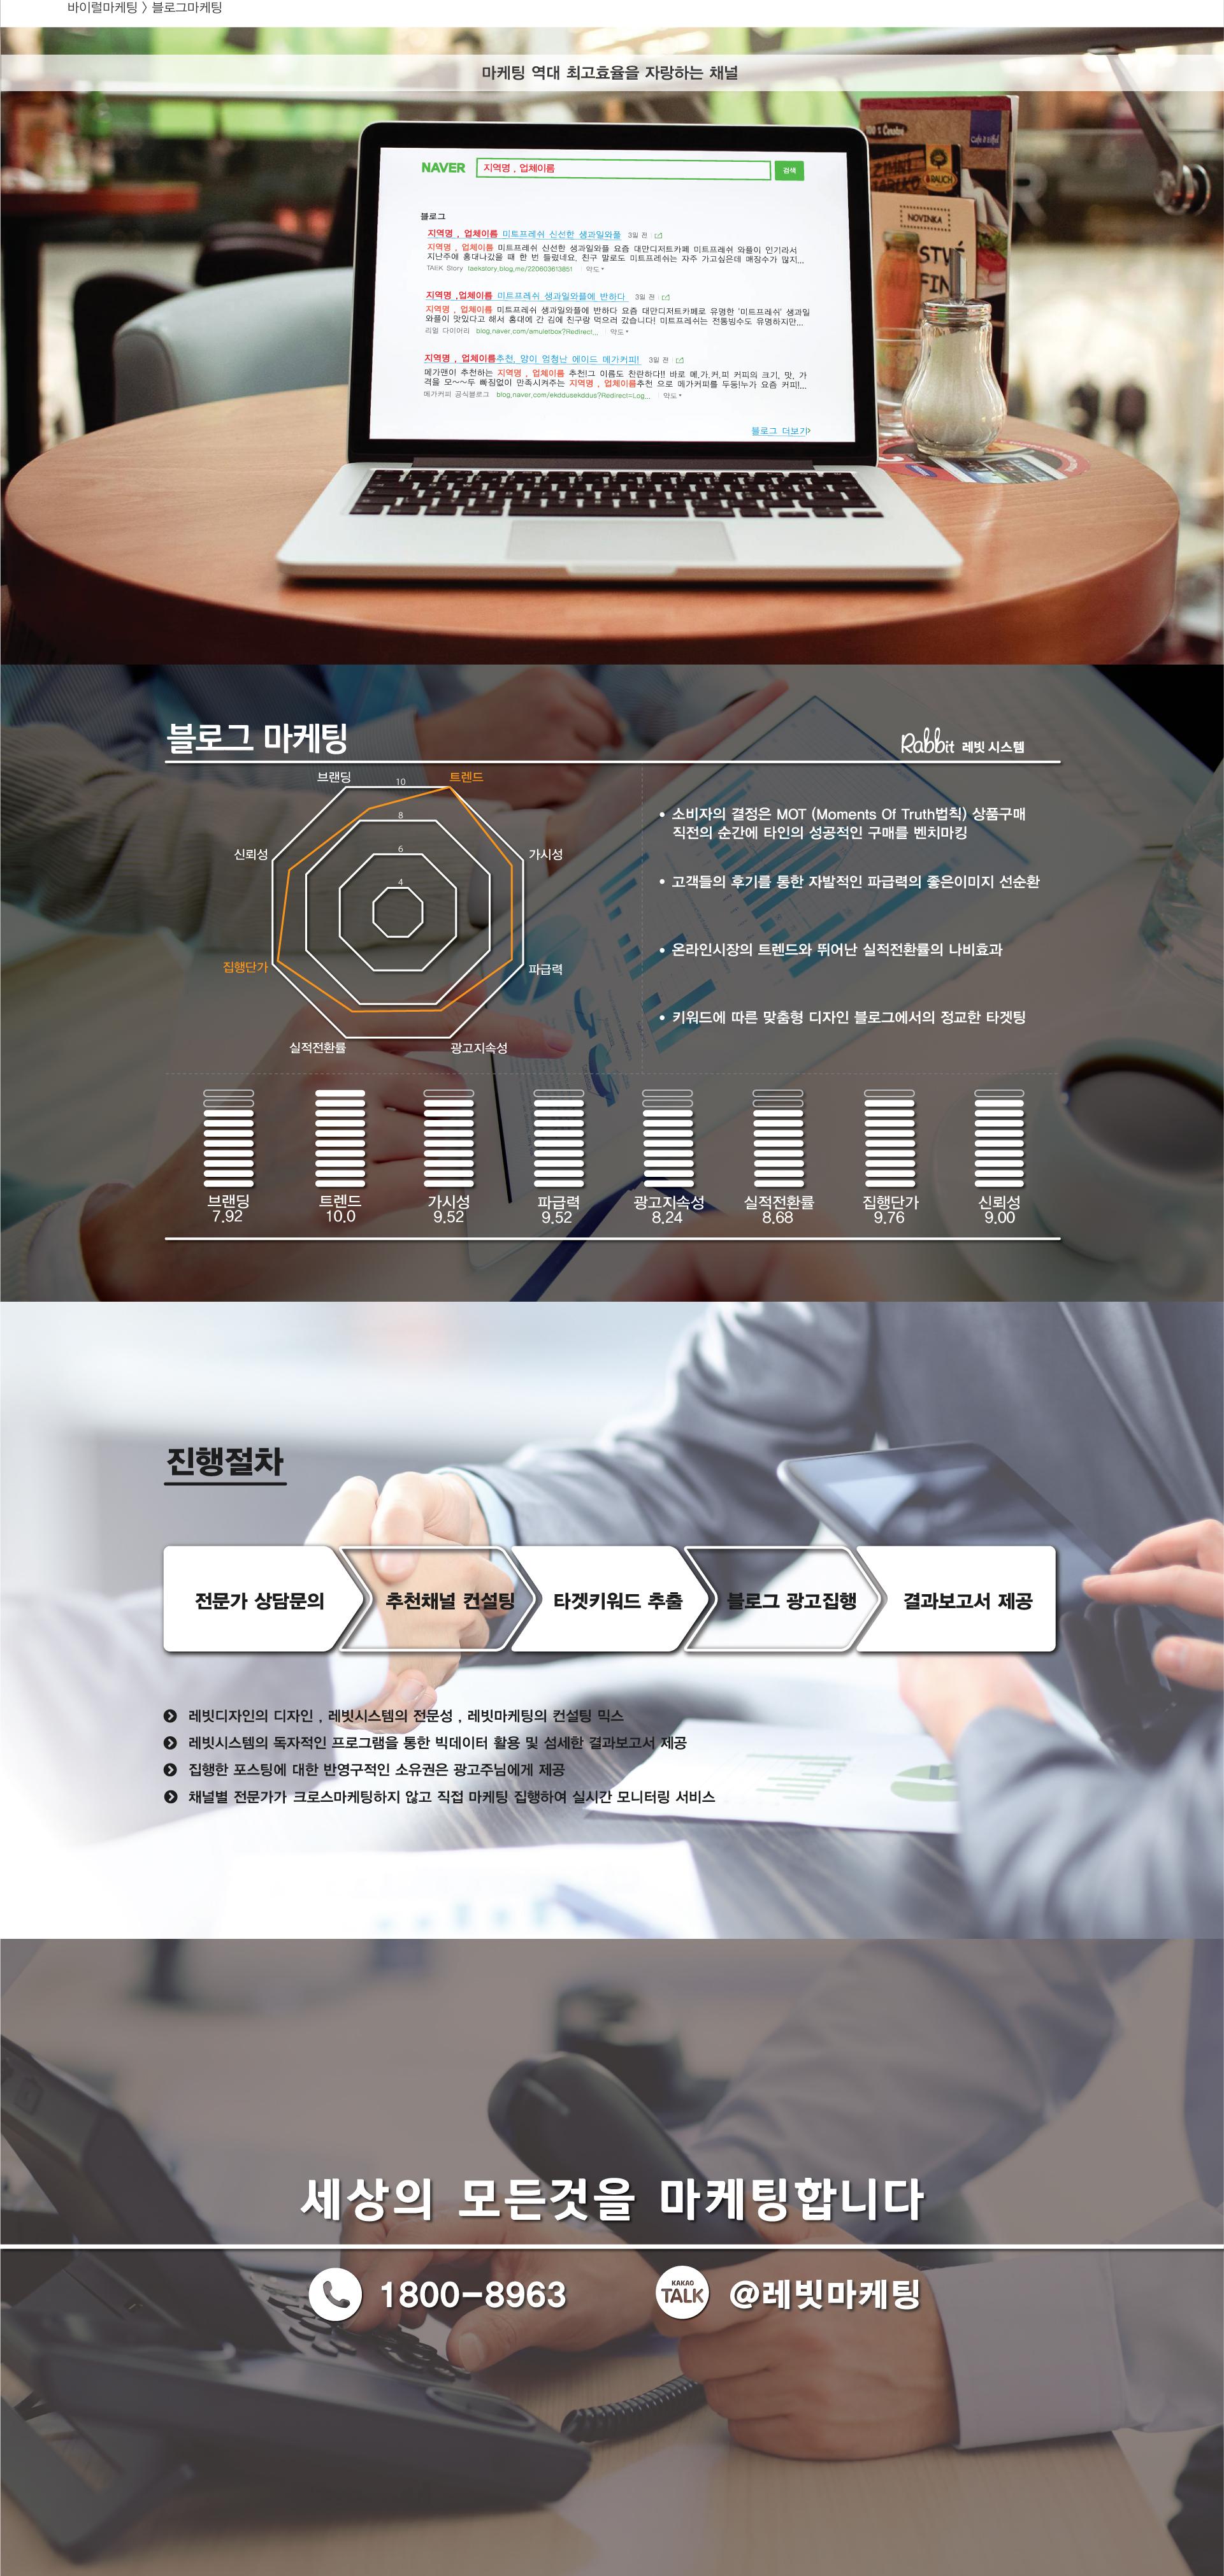 블로그마케팅-01-3 (1)